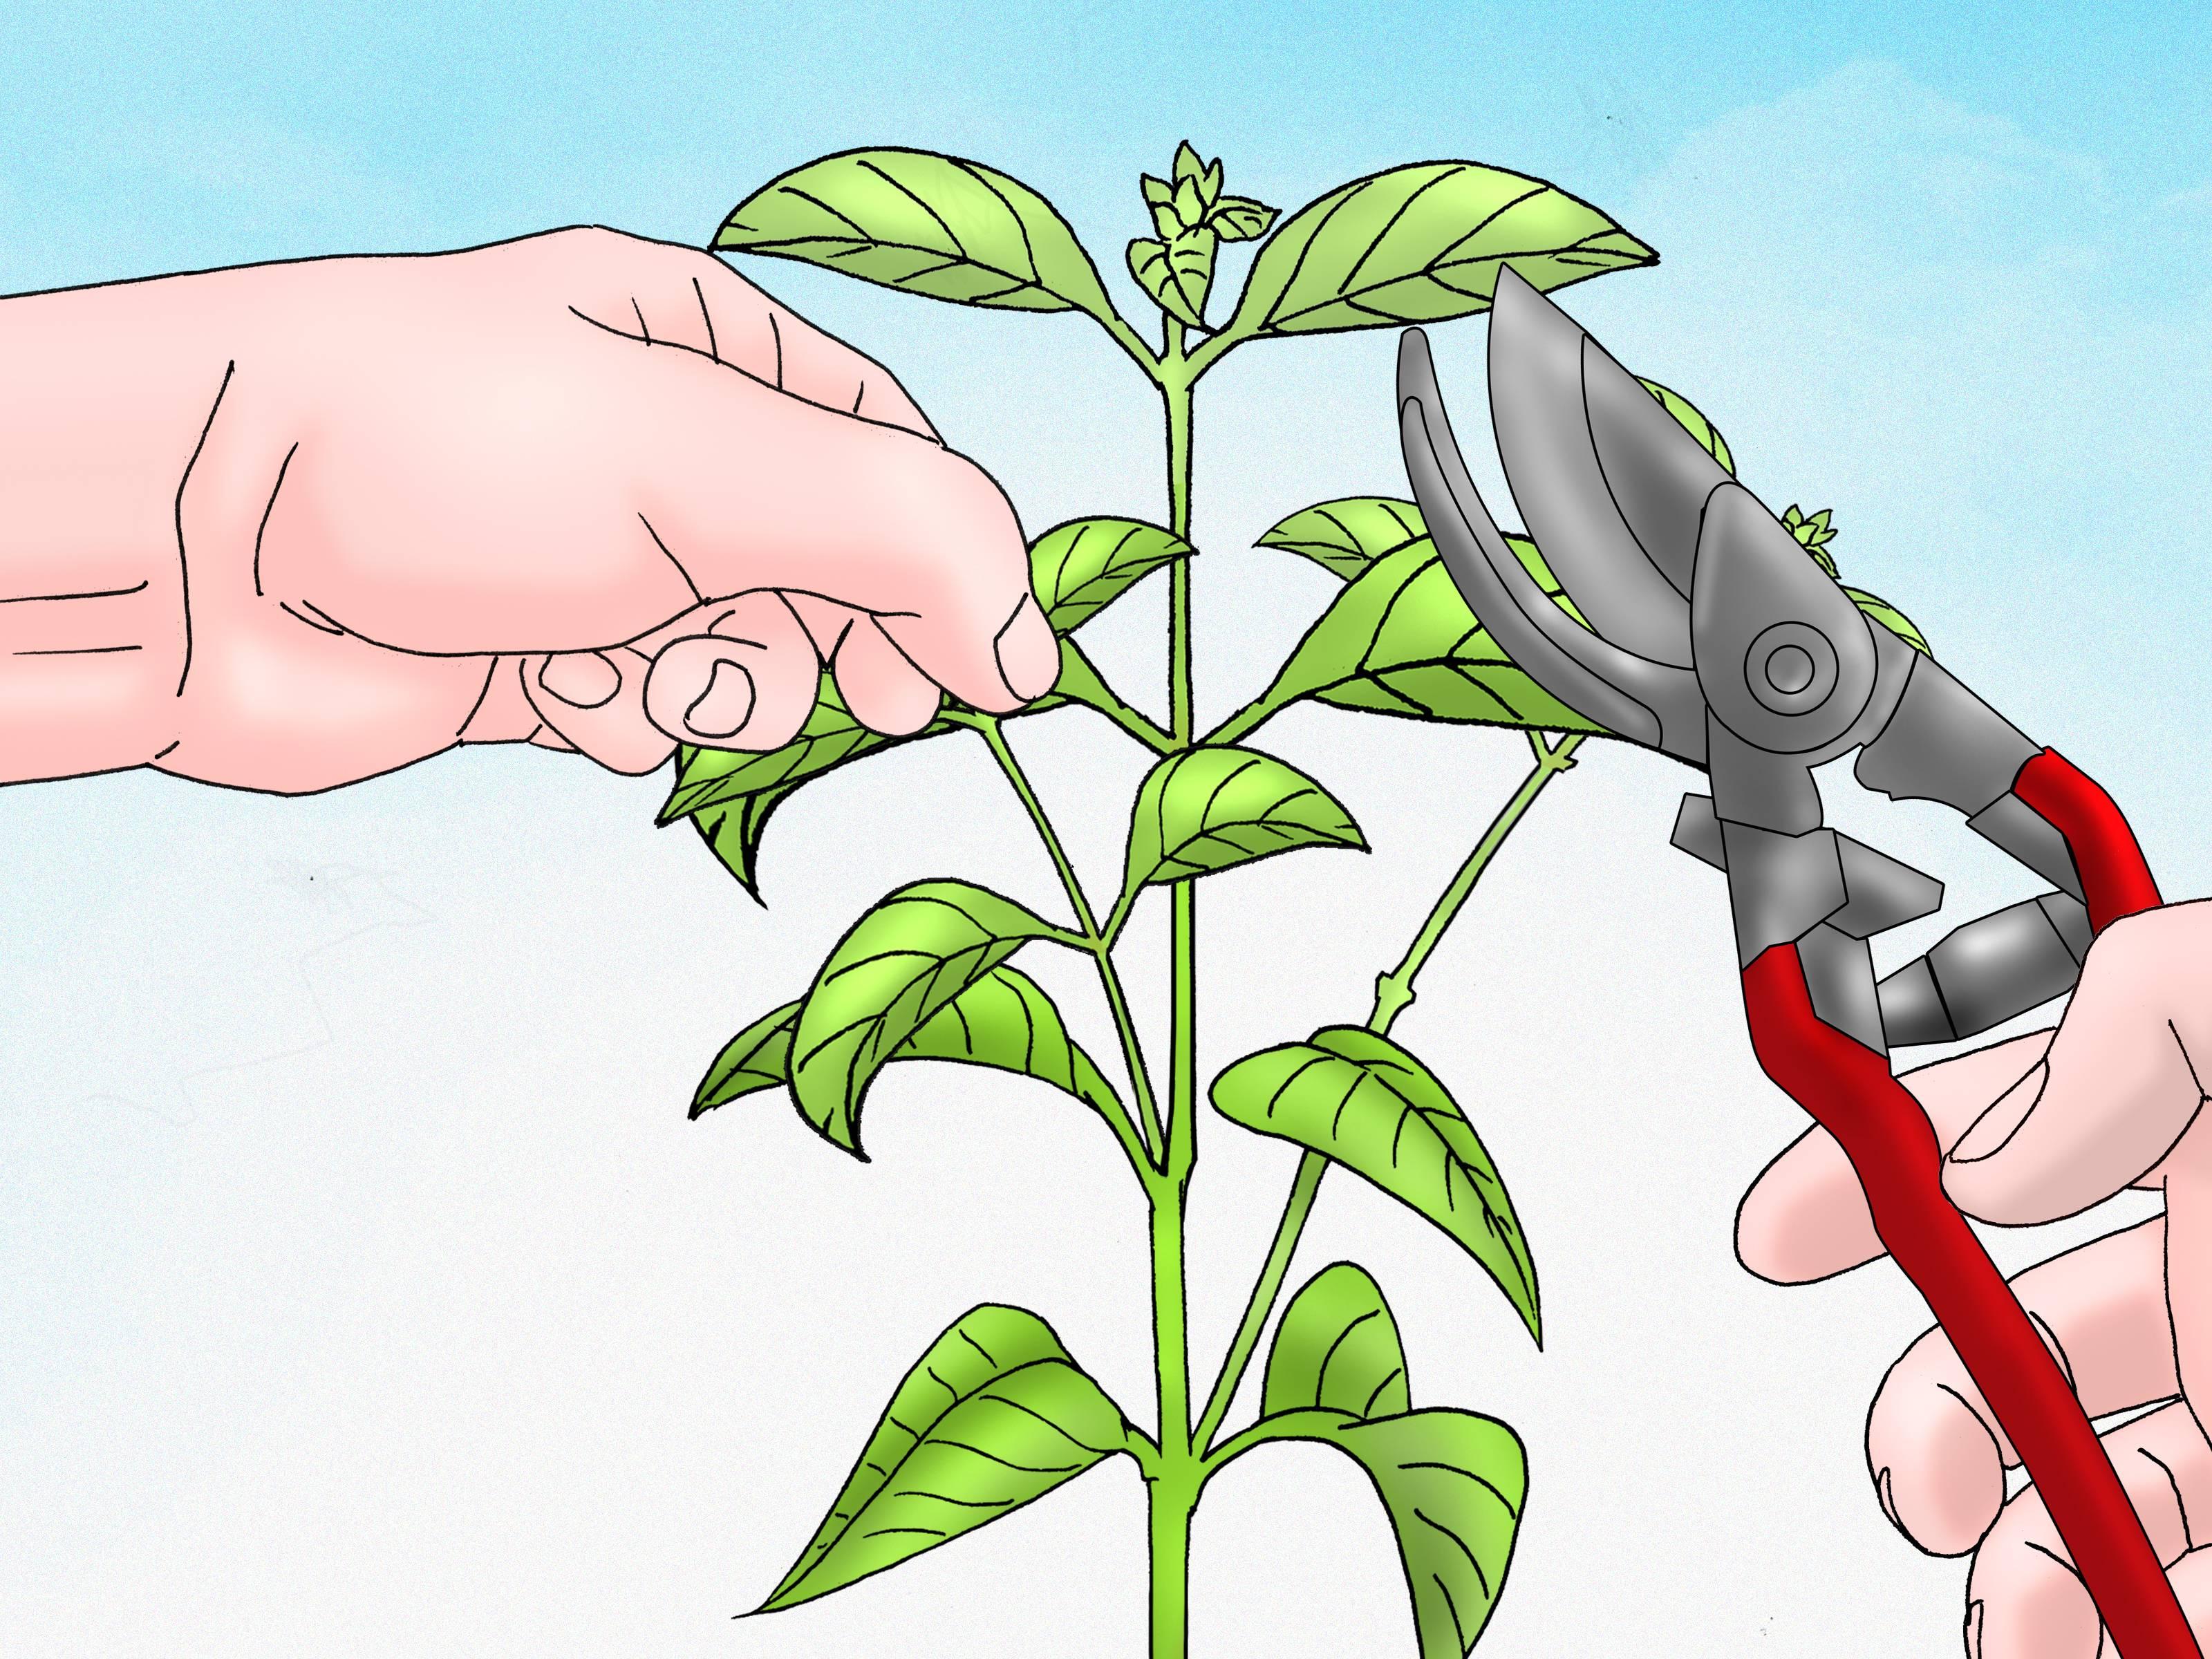 Обрезка каланхоэ: зачем нужна эта процедура, что дает, как и когда ее проводить, можно ли удалять листья, побеги или бутоны у цветущего растения, и дальнейший уход